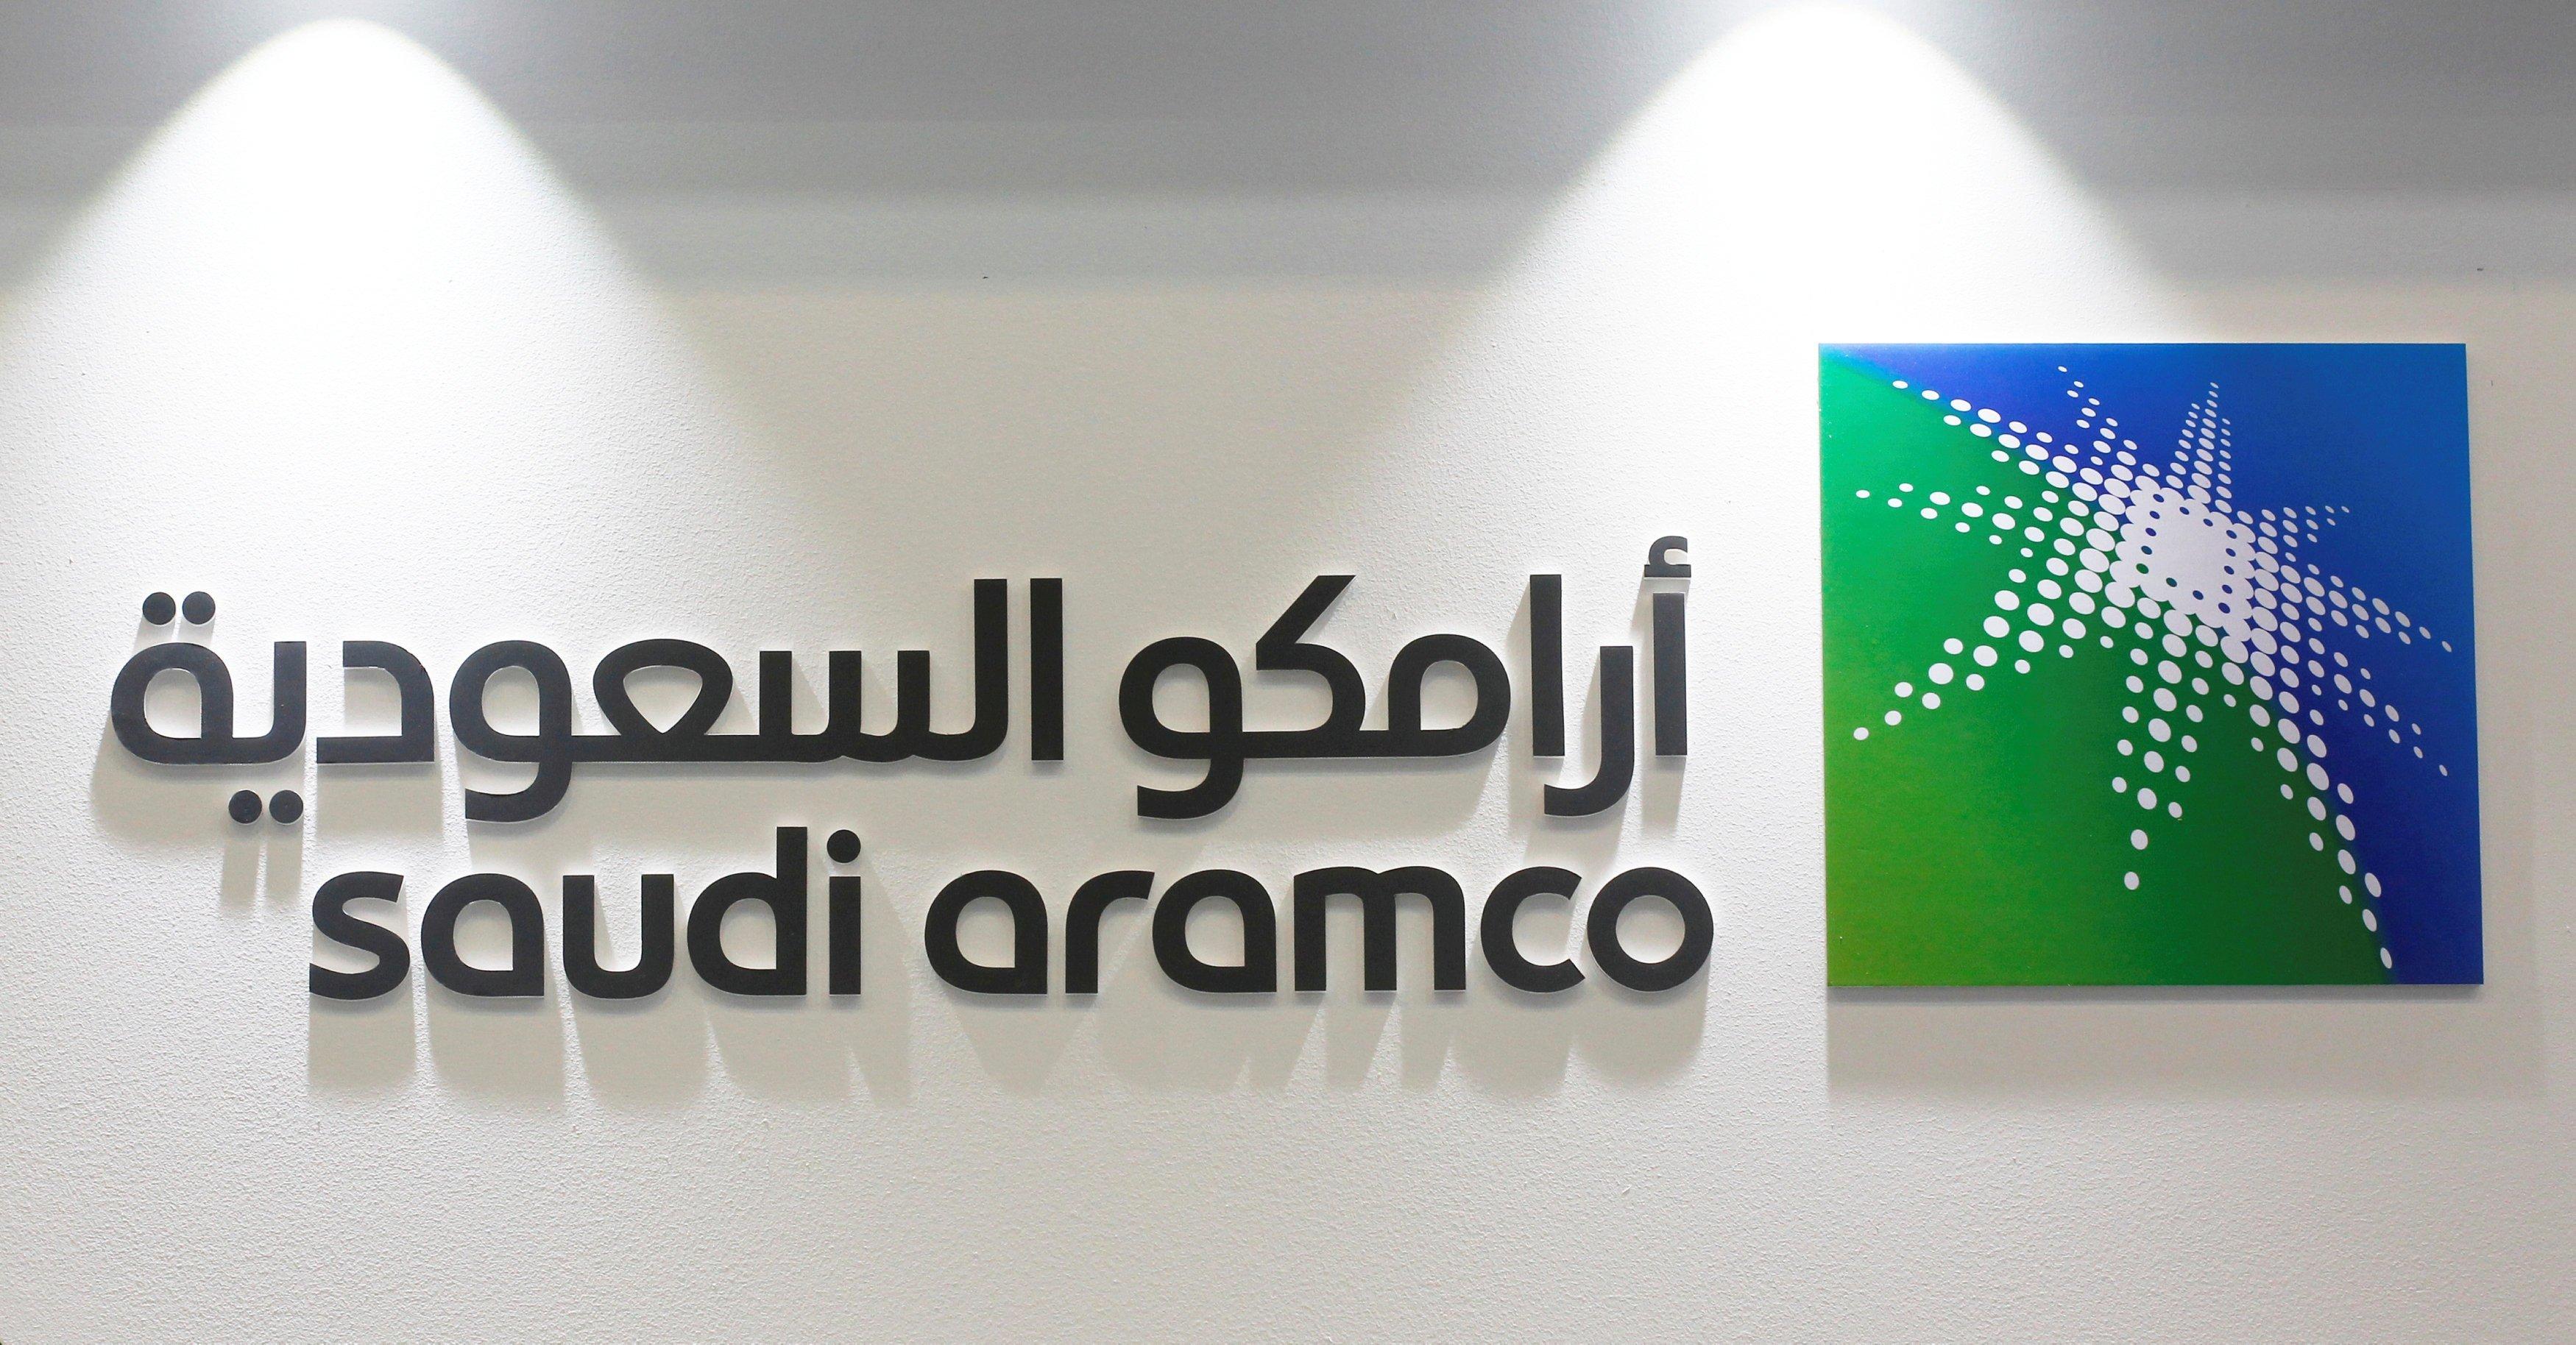 Διορίστηκε η πρώτη γυναίκα Διοικητικό Συμβούλιο της σαουδαραβικής Aramco